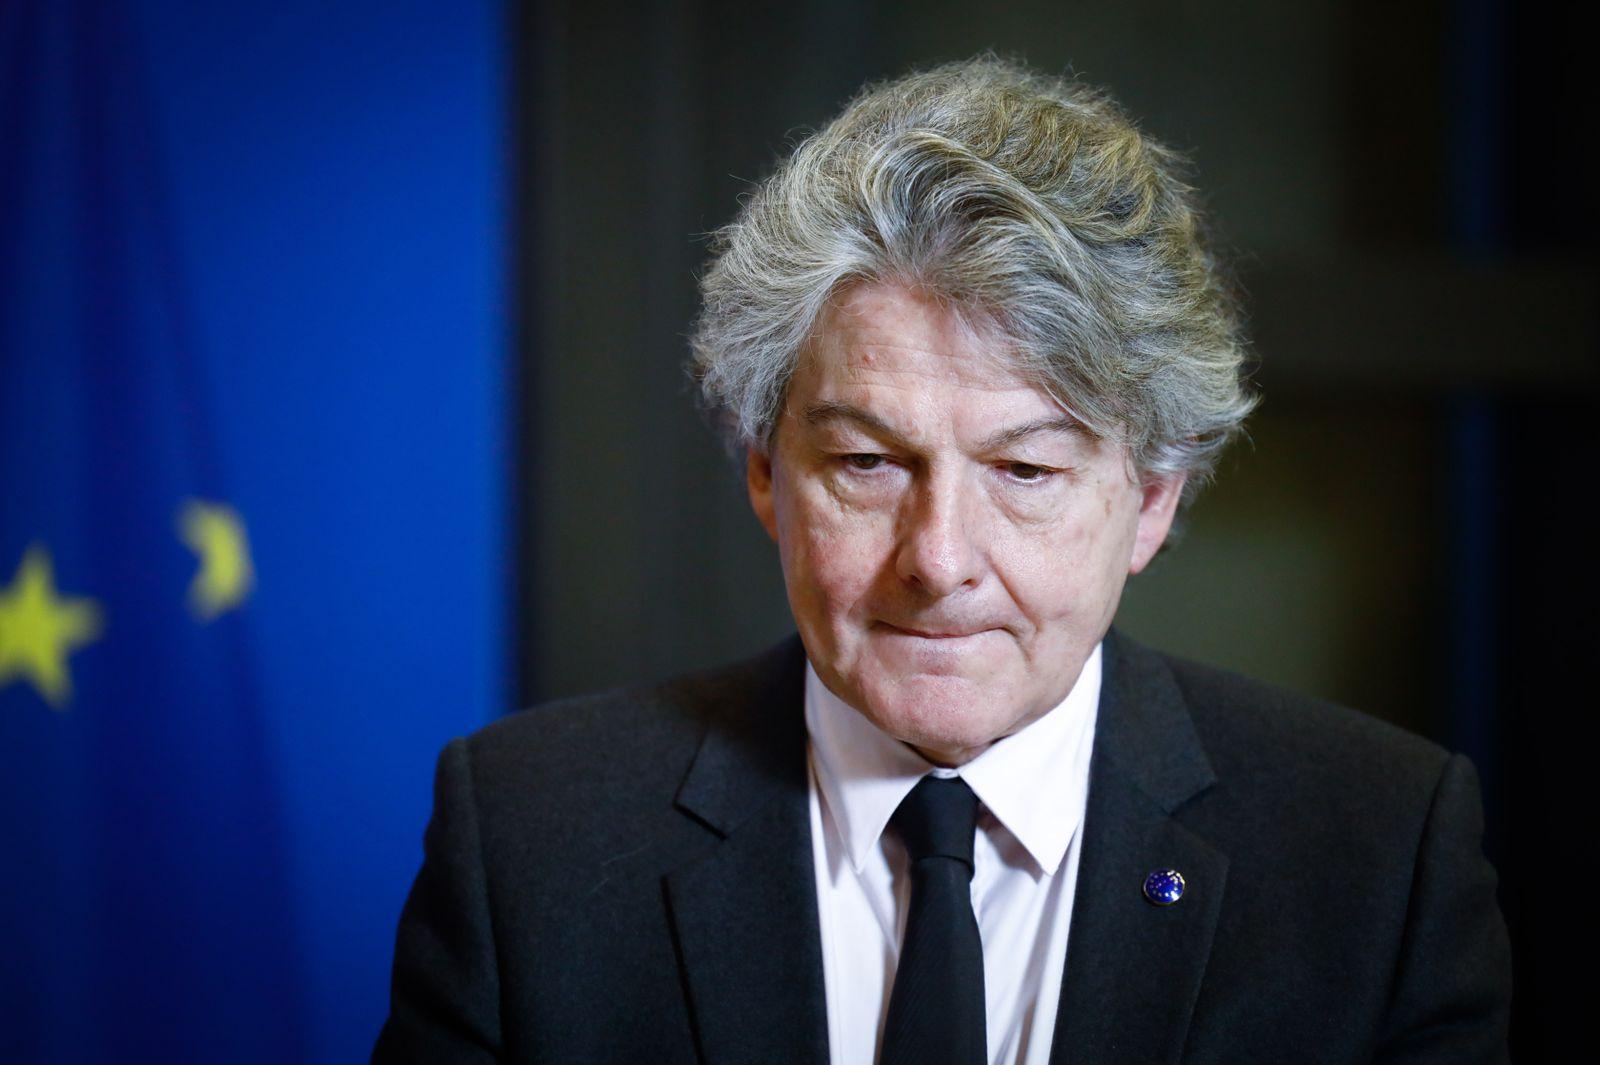 Le commissaire europeen au marche interieur recu par le ministre de l'economie a Bercy